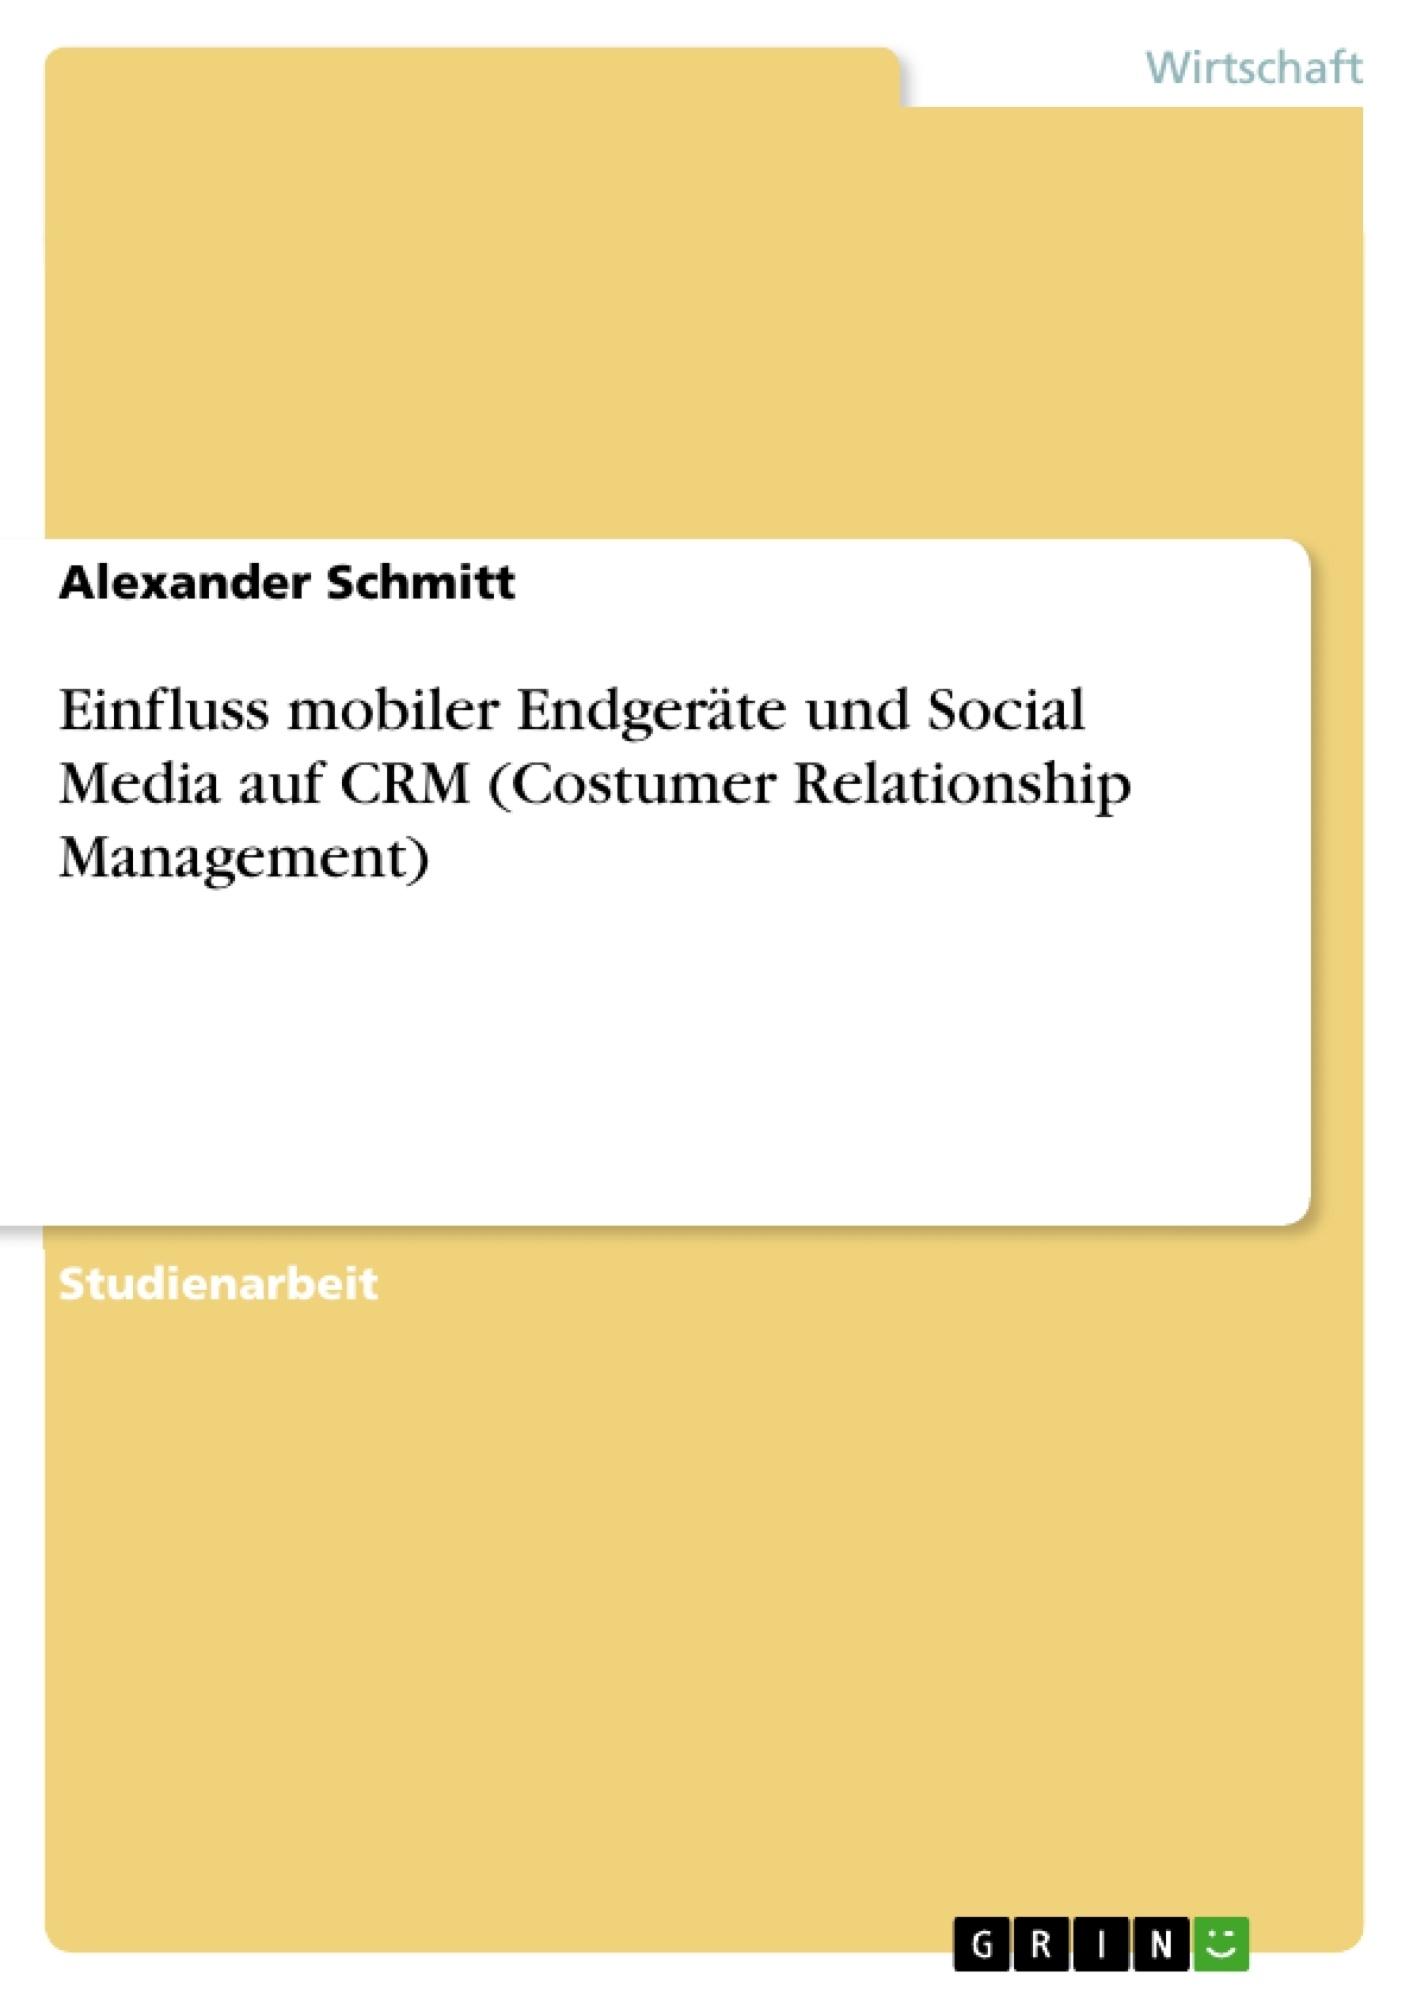 Titel: Einfluss mobiler Endgeräte und Social Media auf CRM (Costumer Relationship Management)